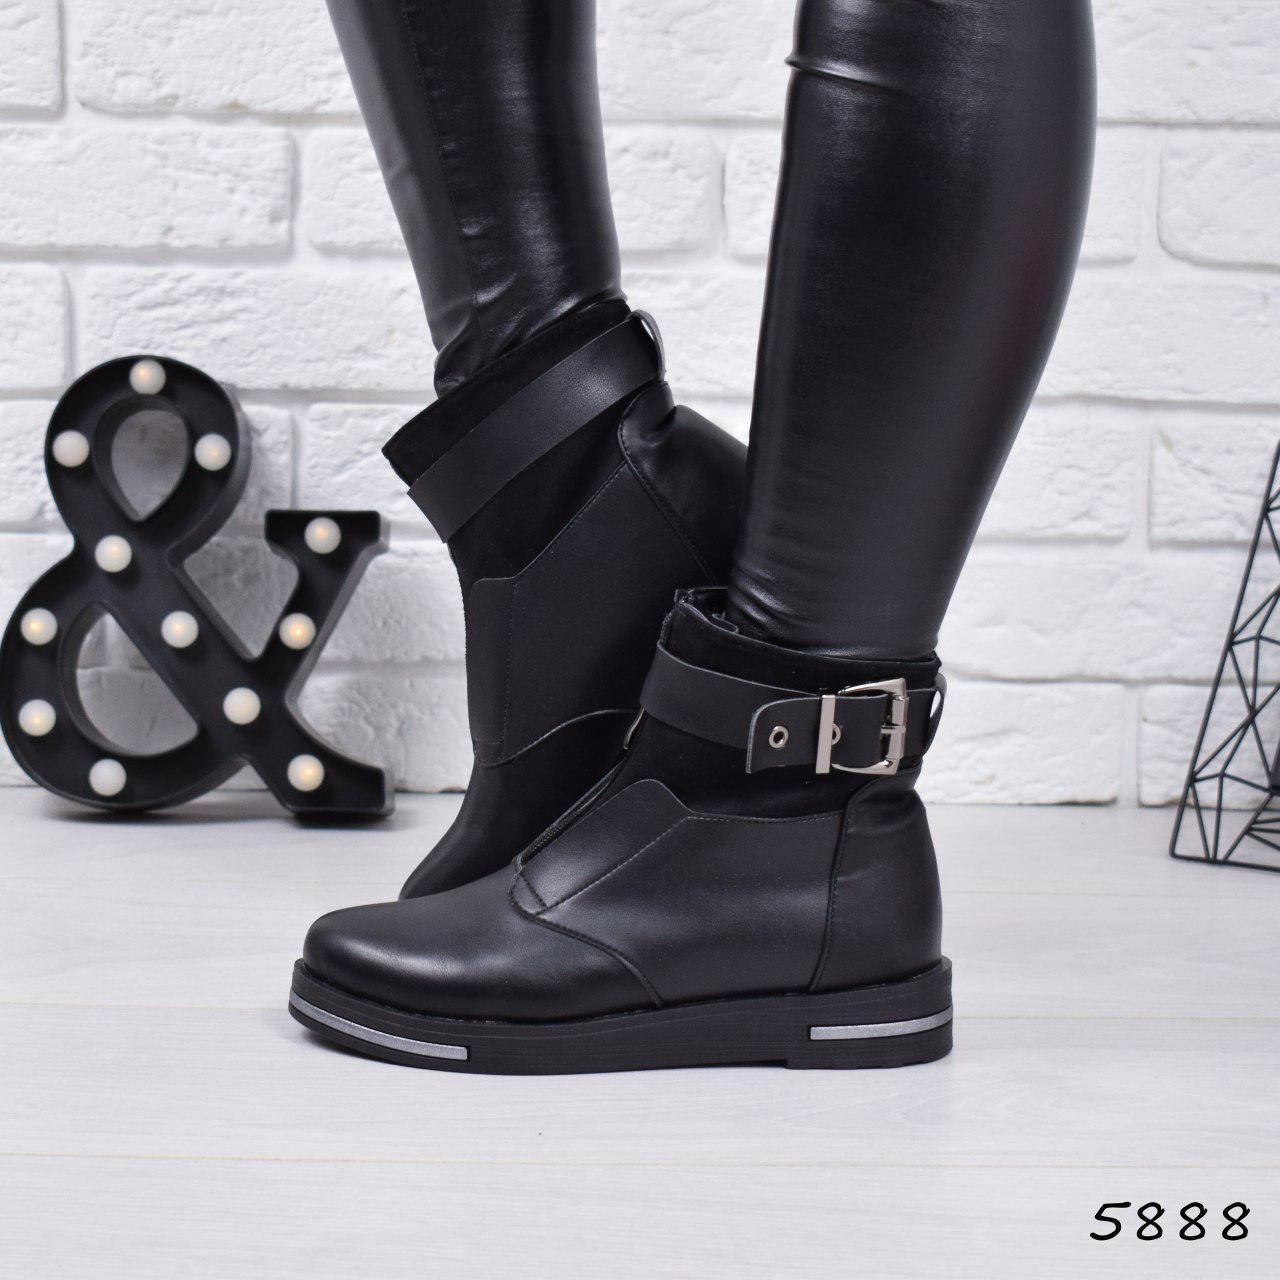 """Ботинки, ботильоны черные ЗИМА """"Barkly"""" эко кожа, повседневная, зимняя, теплая, женская обувь"""